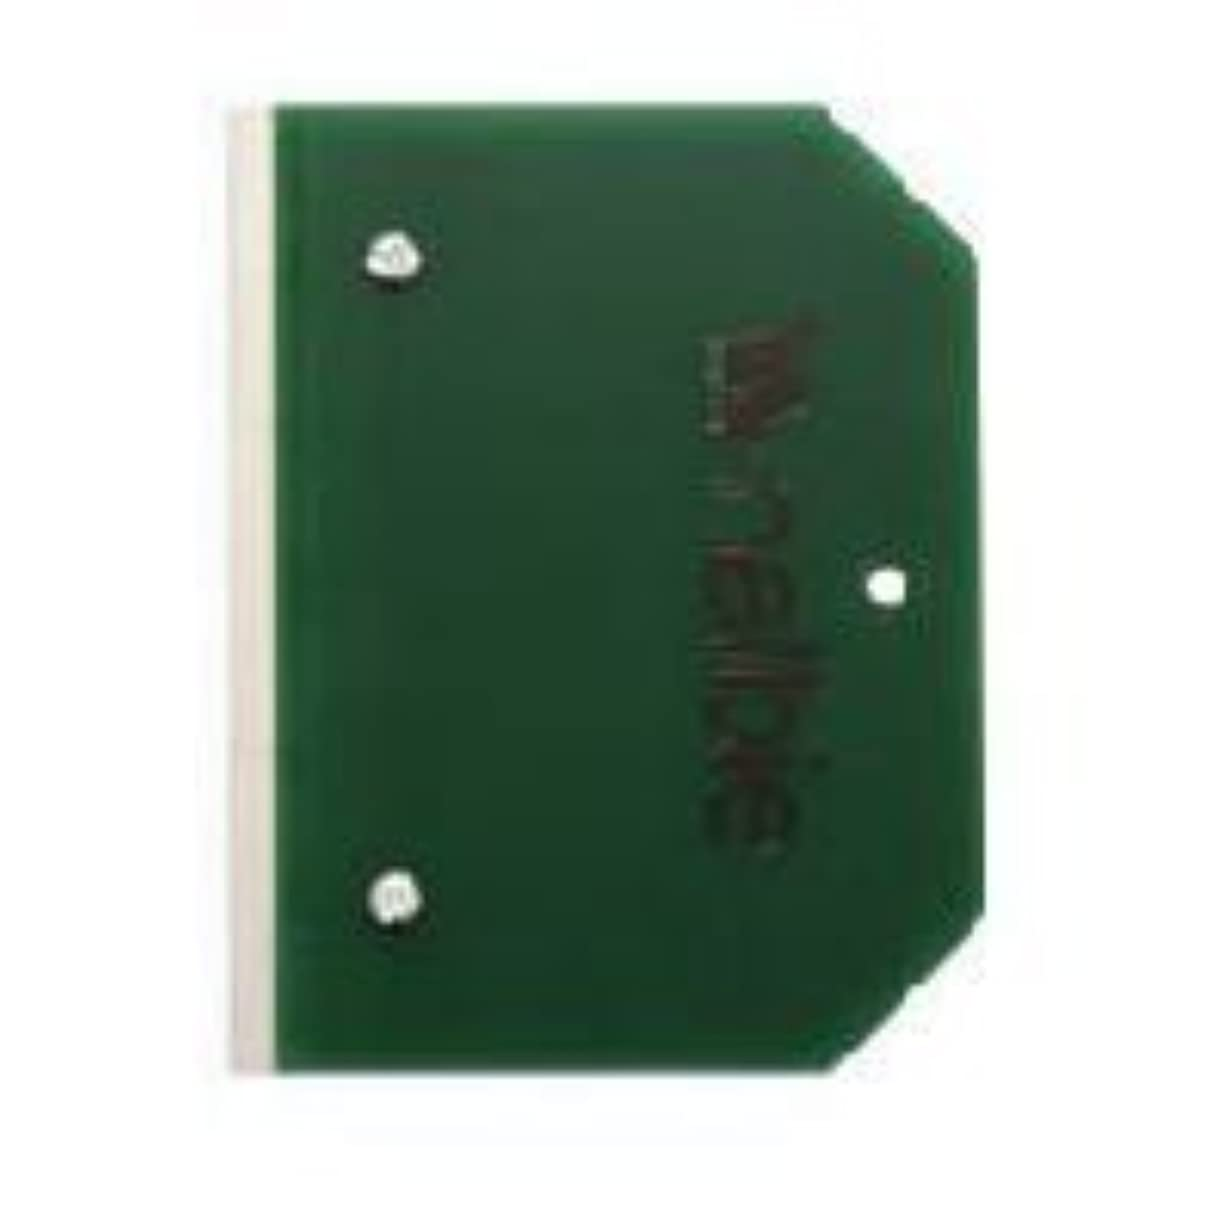 業界調整可能煙突nalbie[ナルビー] カミソリホルダー 3枚刃/セーフティキャップ付 NRB03SC